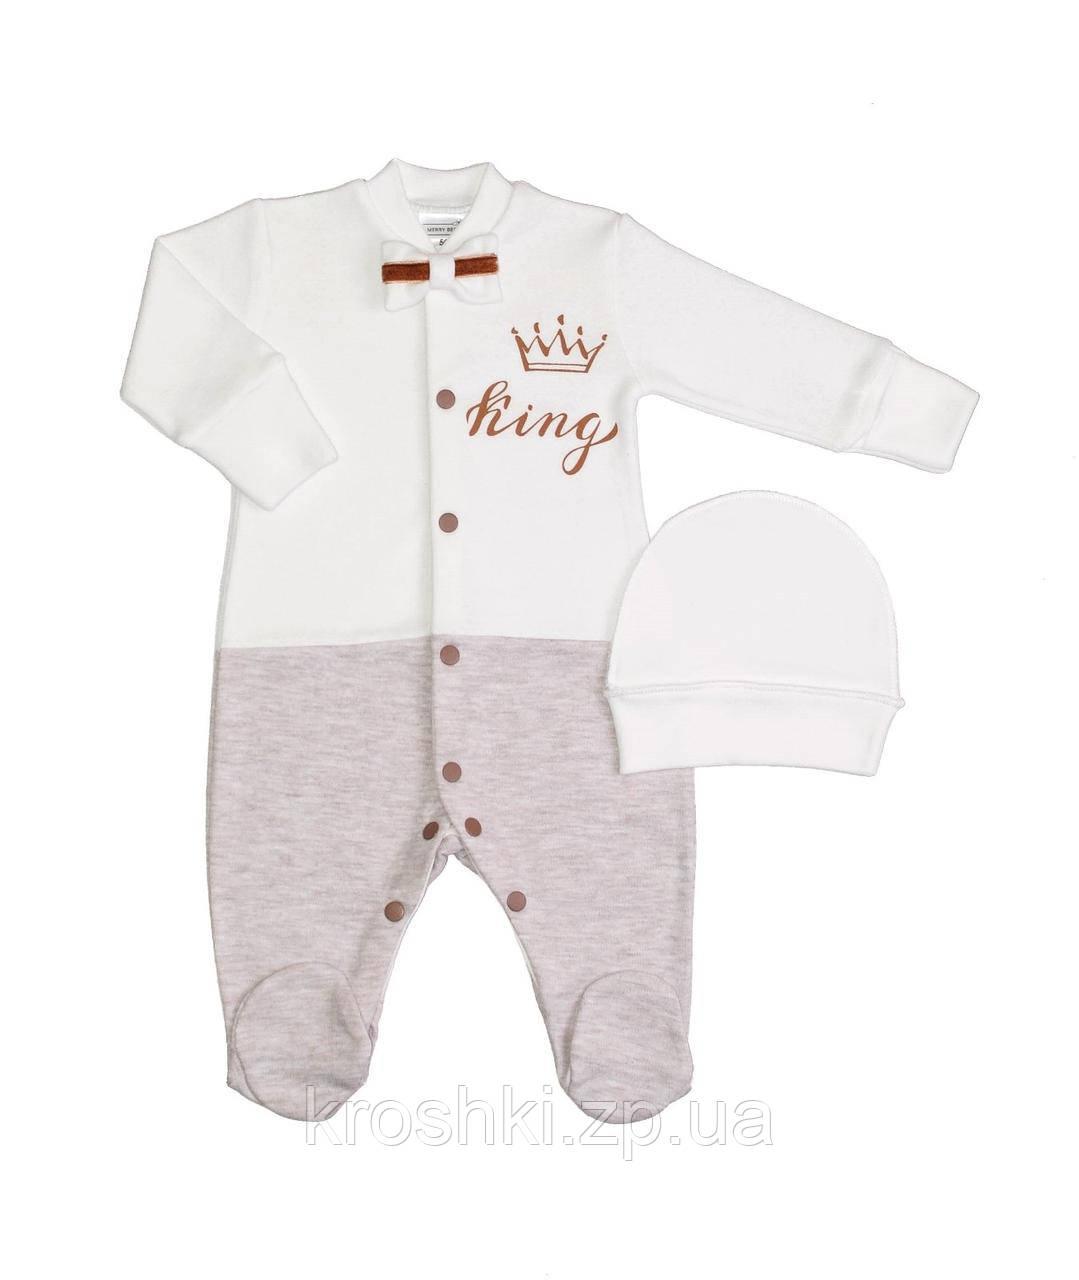 Комплект нарядный для новорожденных